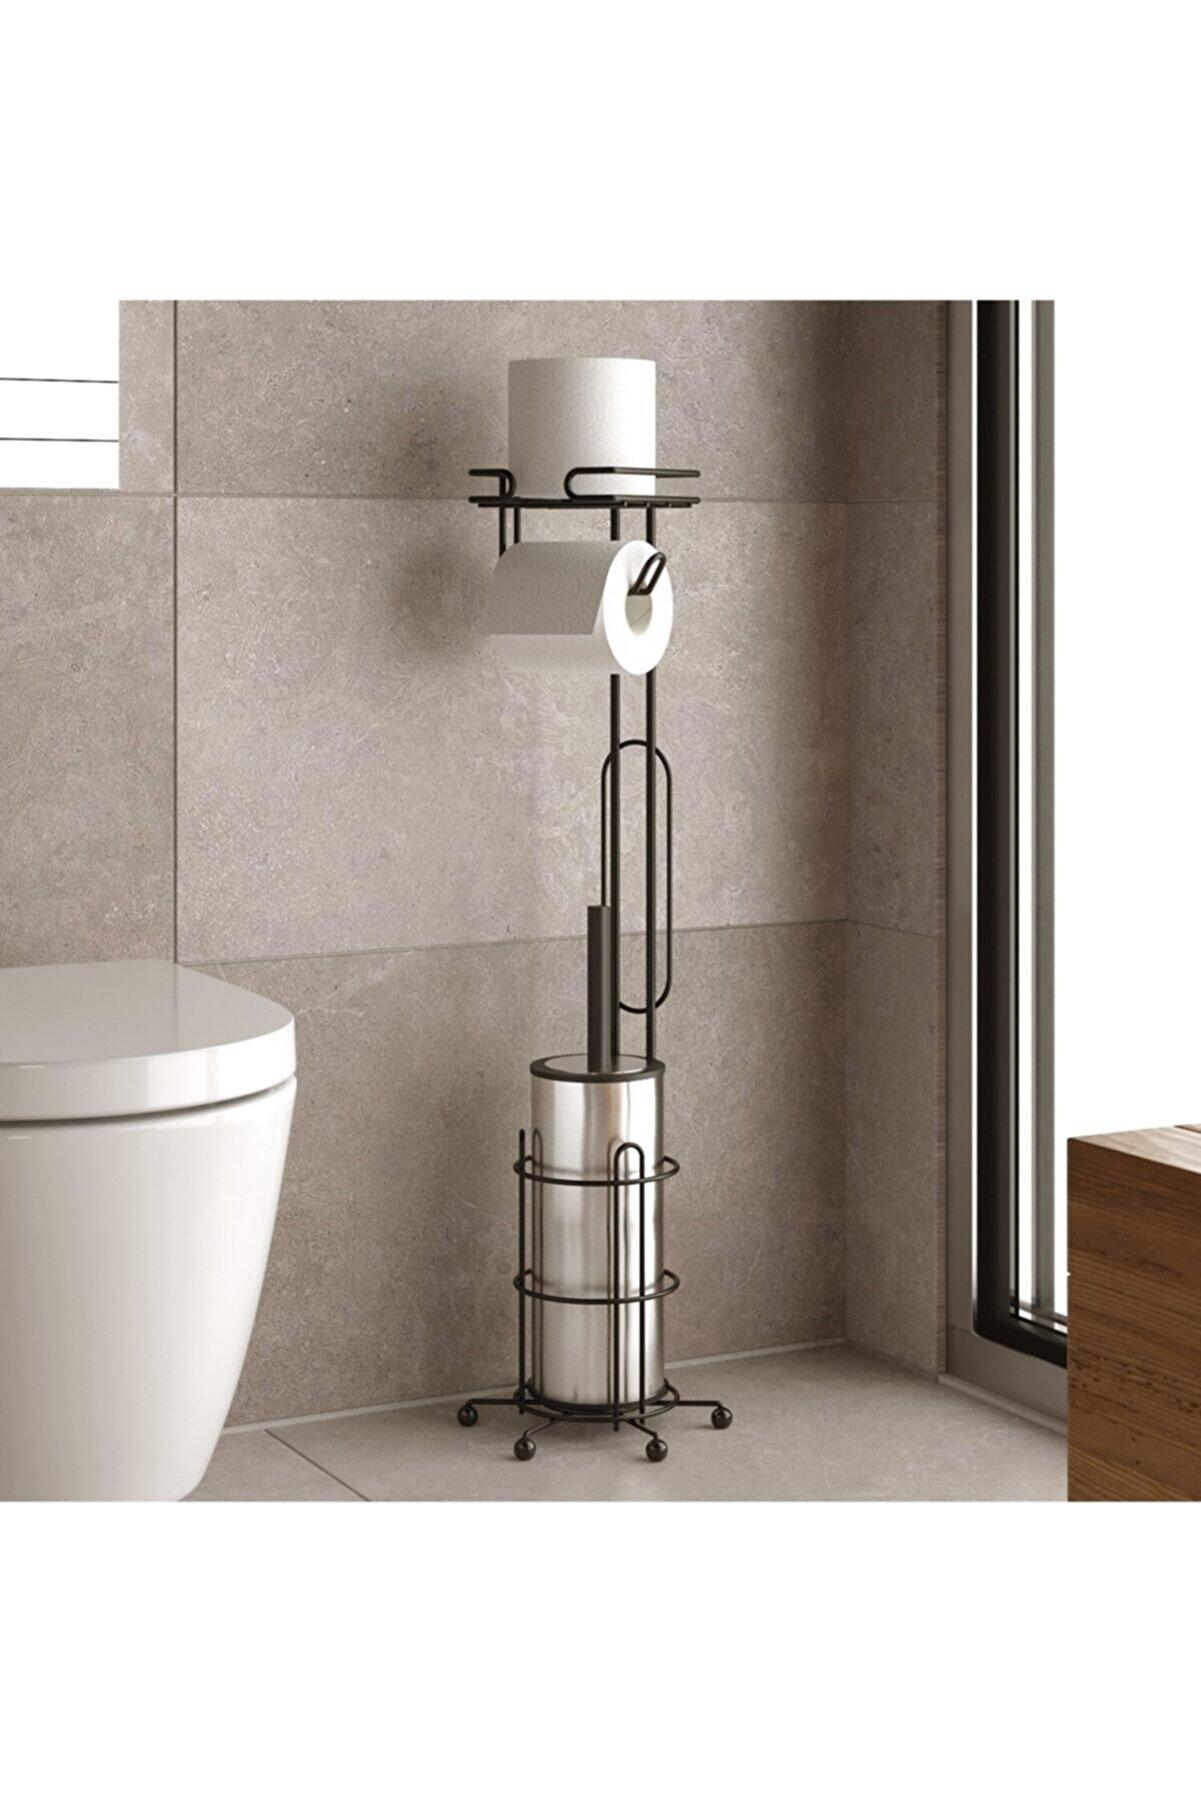 Teknotel Ayaklı Tuvalet Fırçası Ve Yedekli Tuvalet Kağıtlık Mat Siyah Mg096